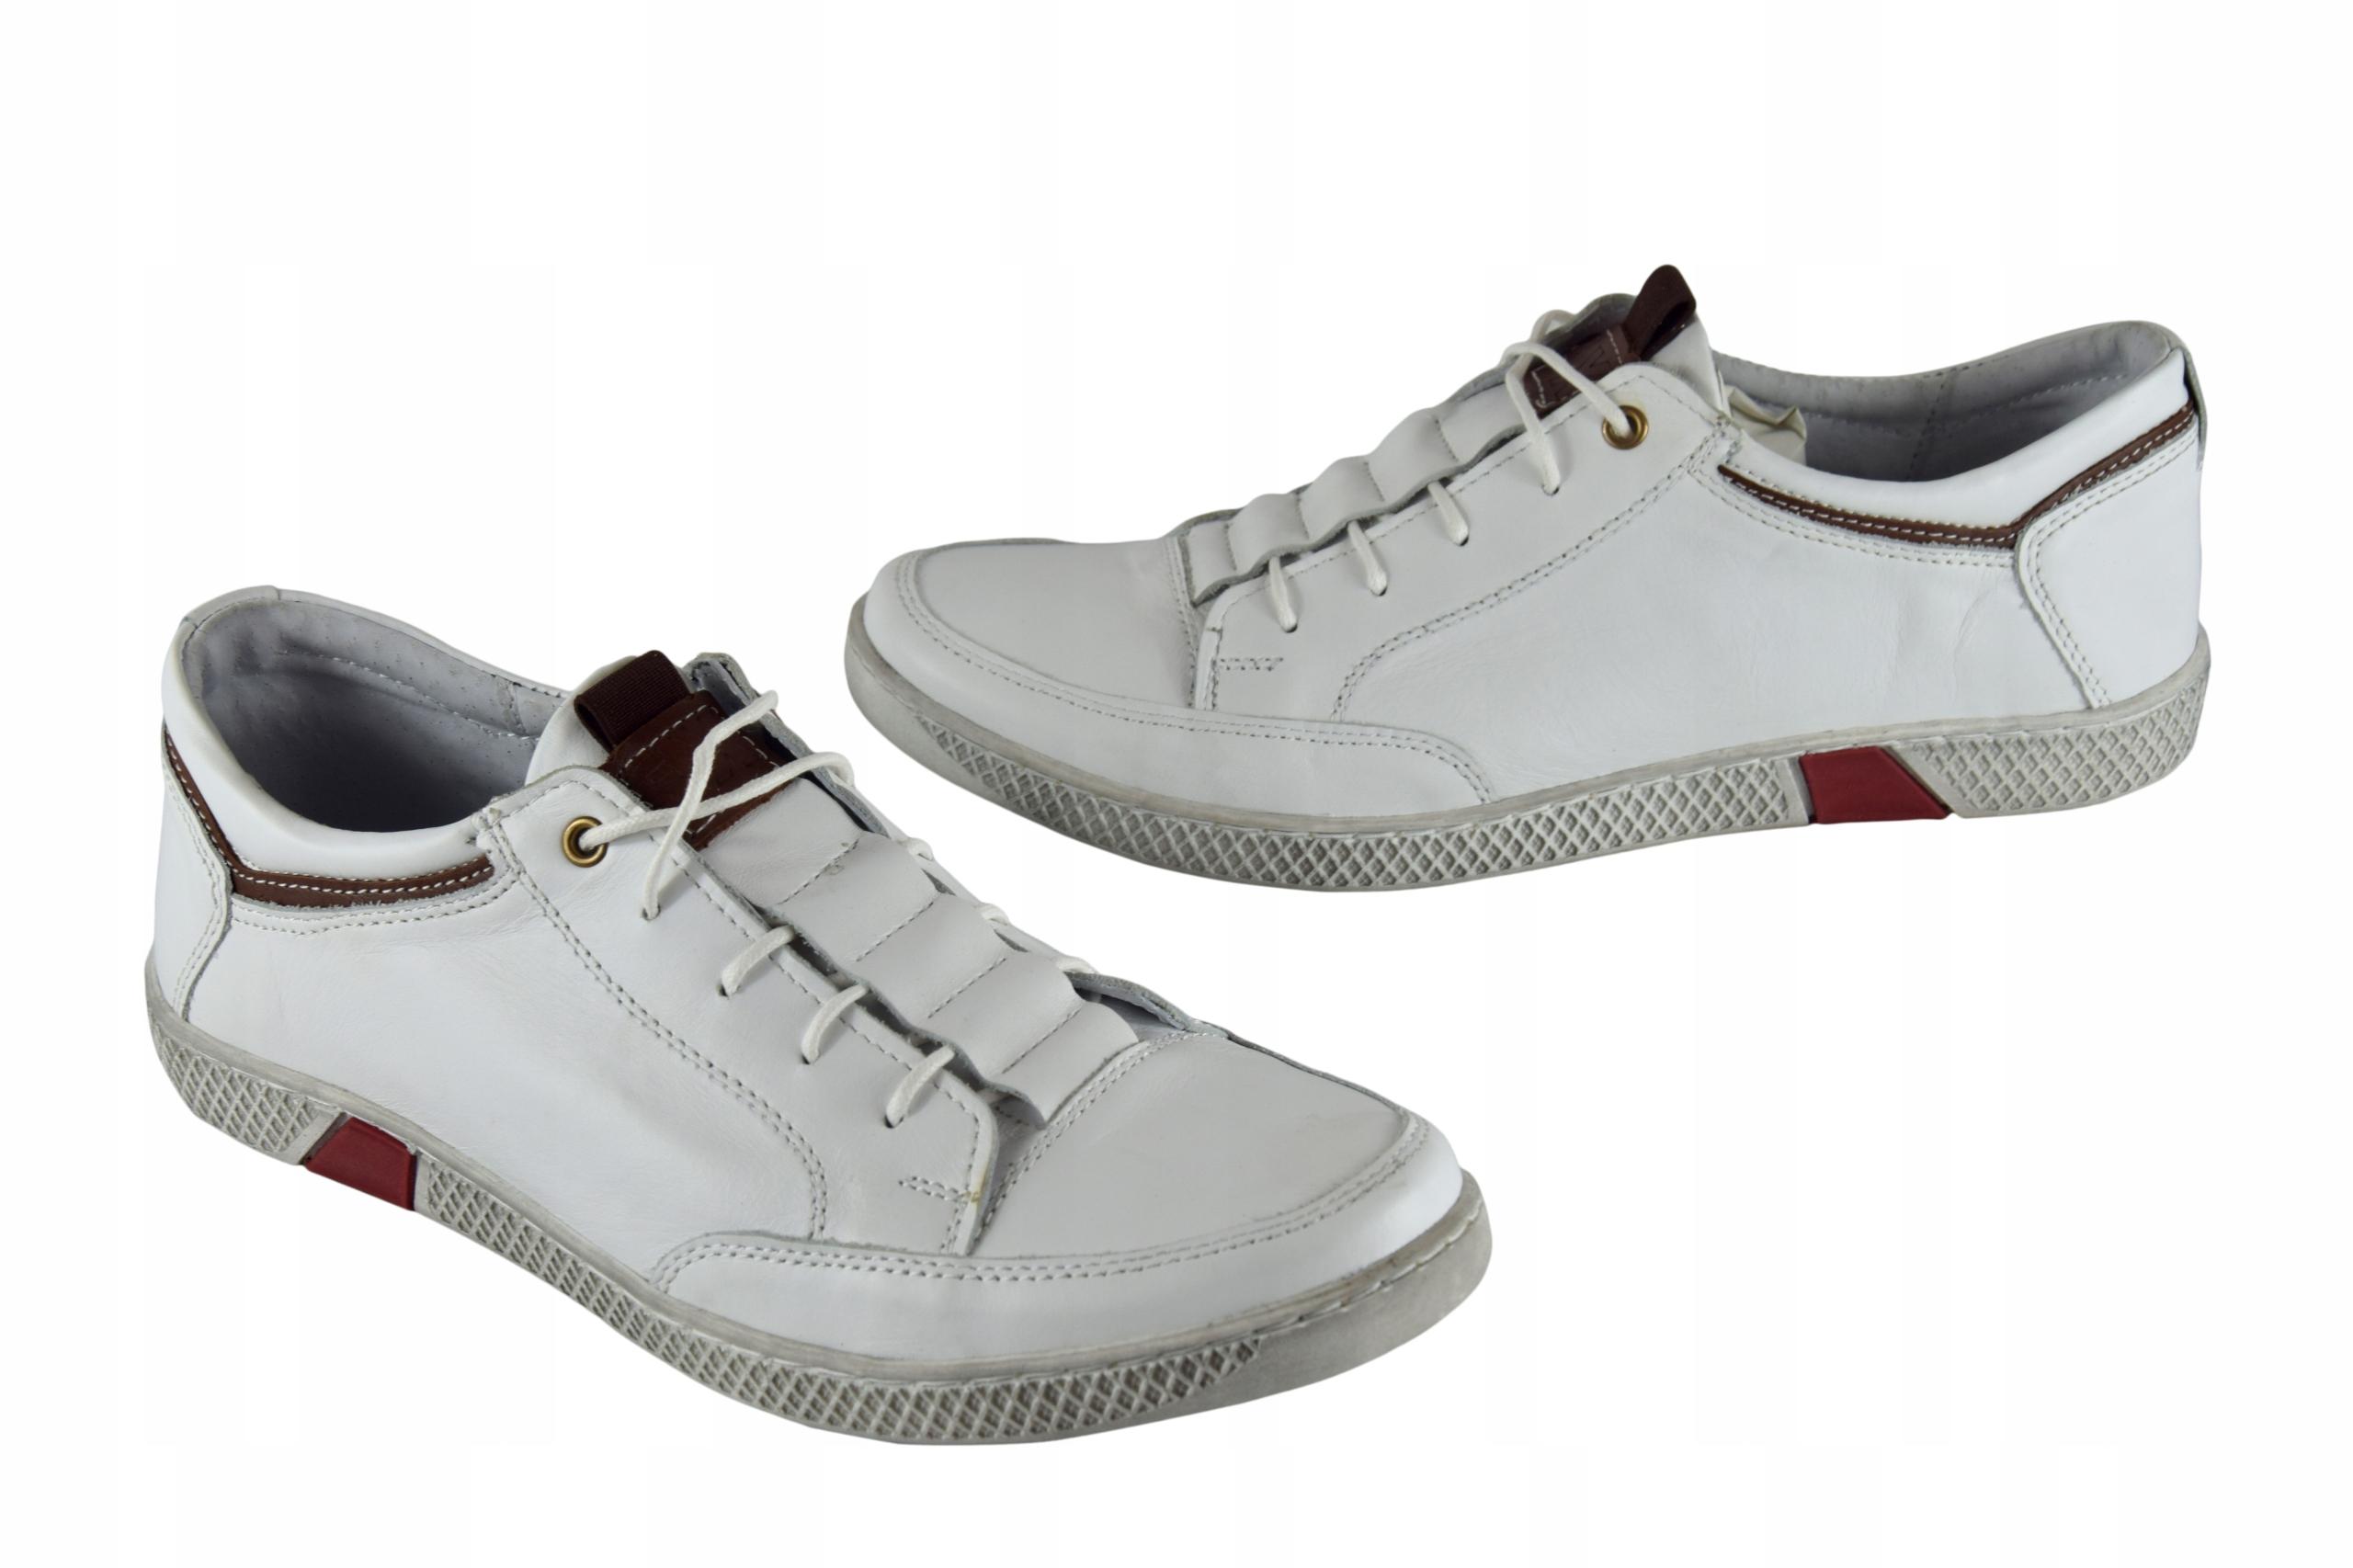 Białe buty skórzane sznurowane półbuty męskie 0448 Rozmiar 41